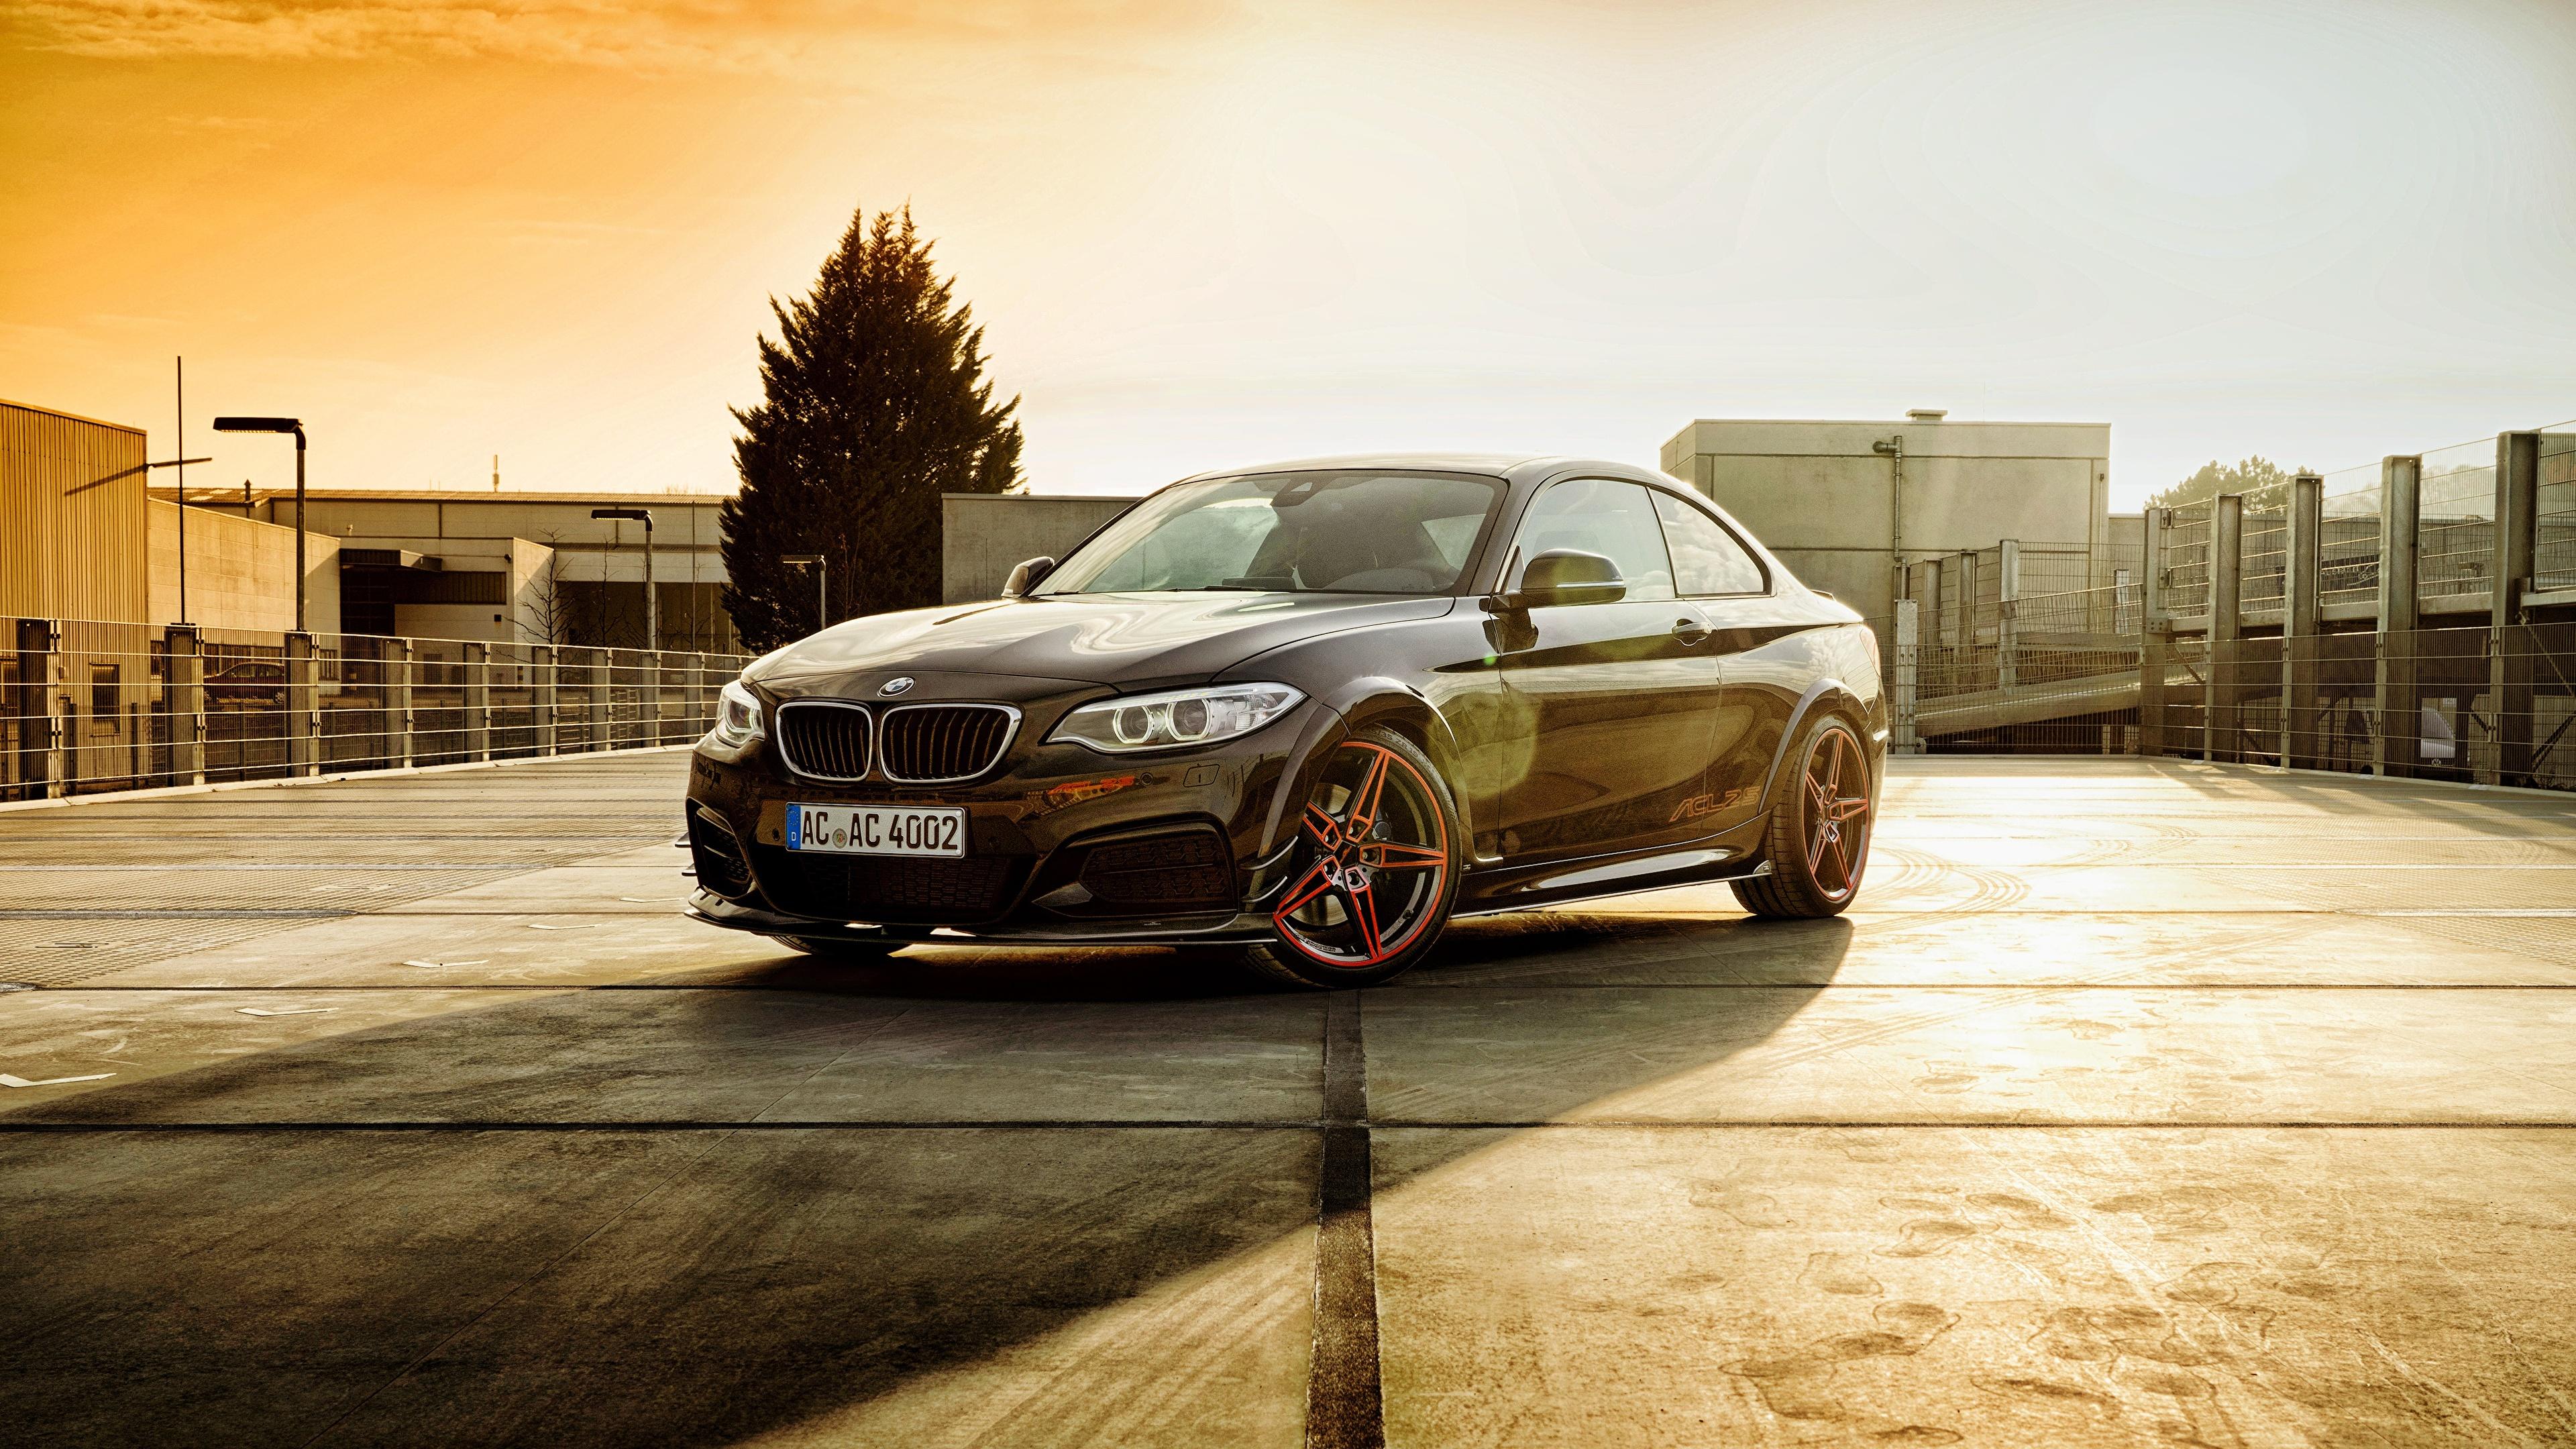 Фотографии BMW F22, 2-Series Купе Автомобили 3840x2160 БМВ авто машины машина автомобиль